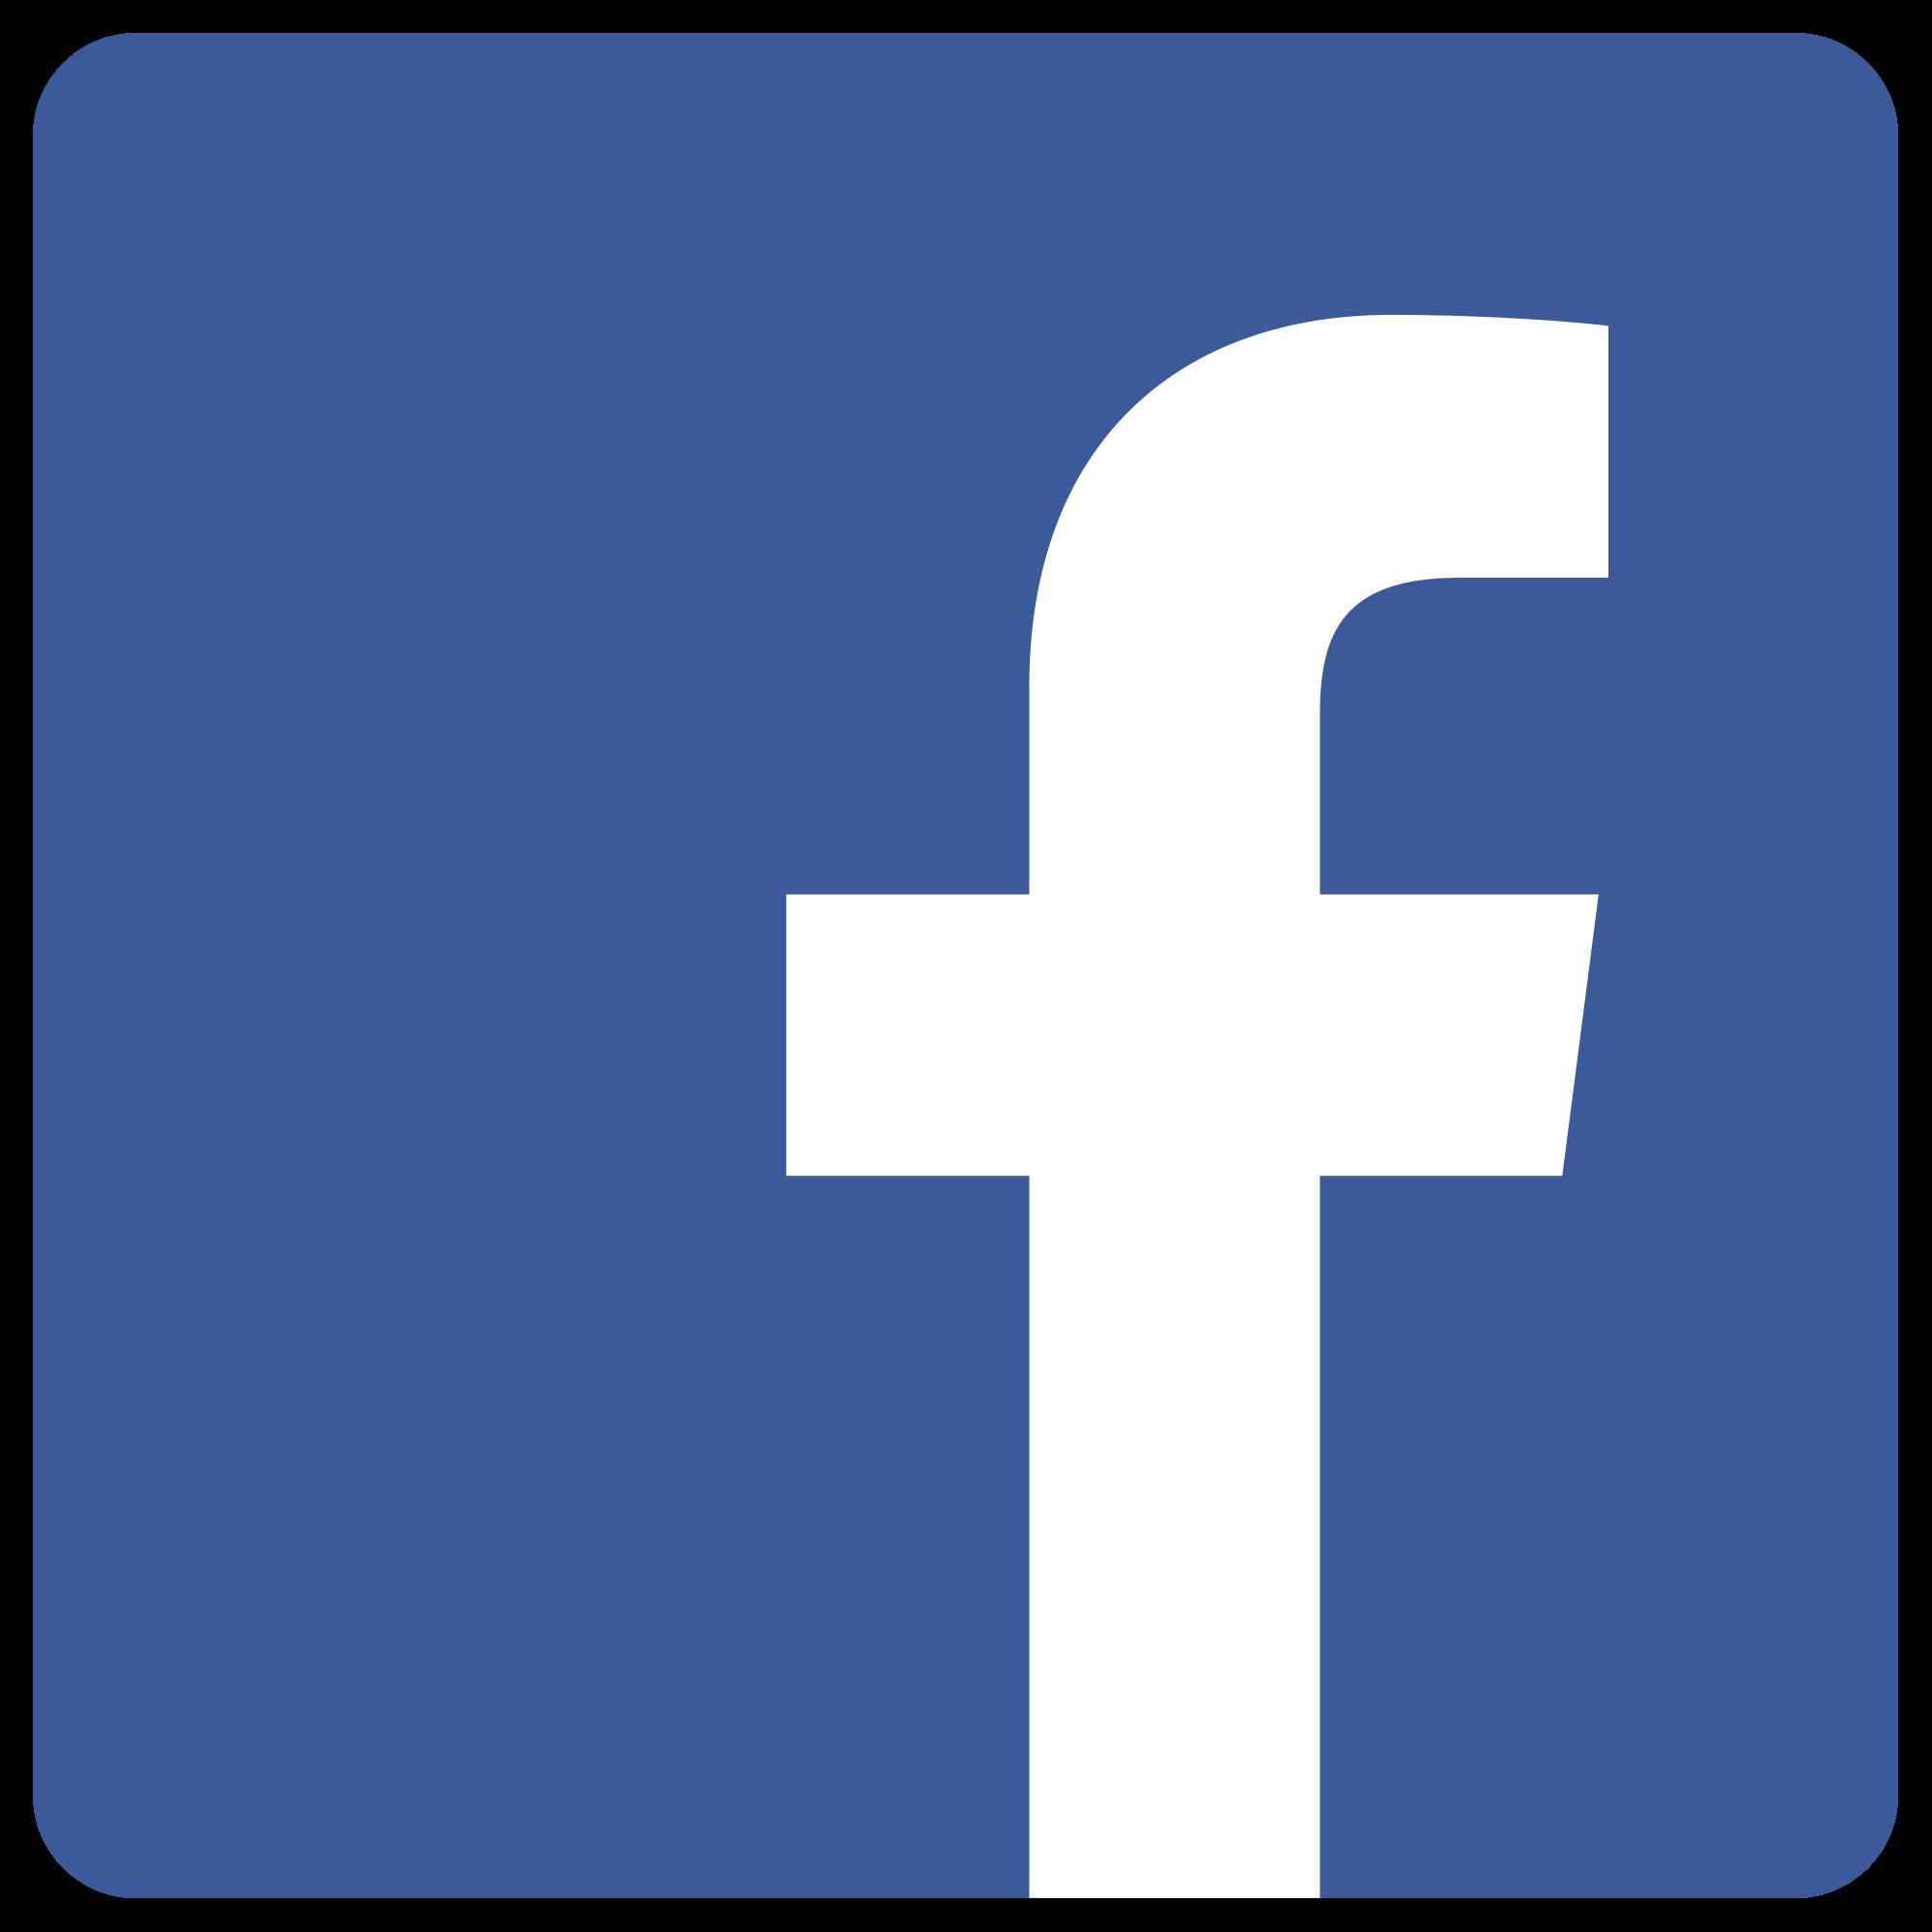 Logos PNG Images Free